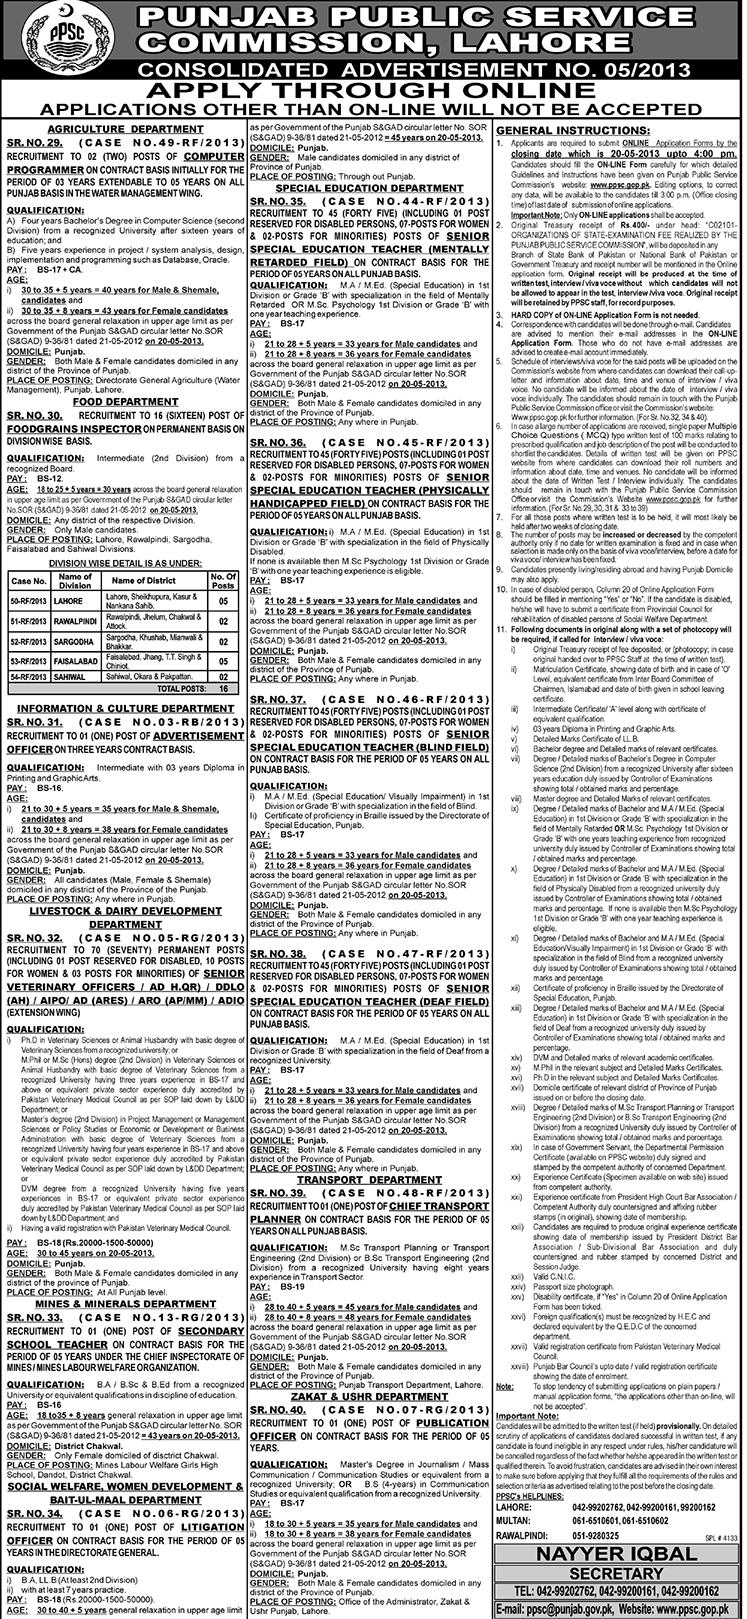 Punjab Public Service Commission PPSC Jobs April 2013